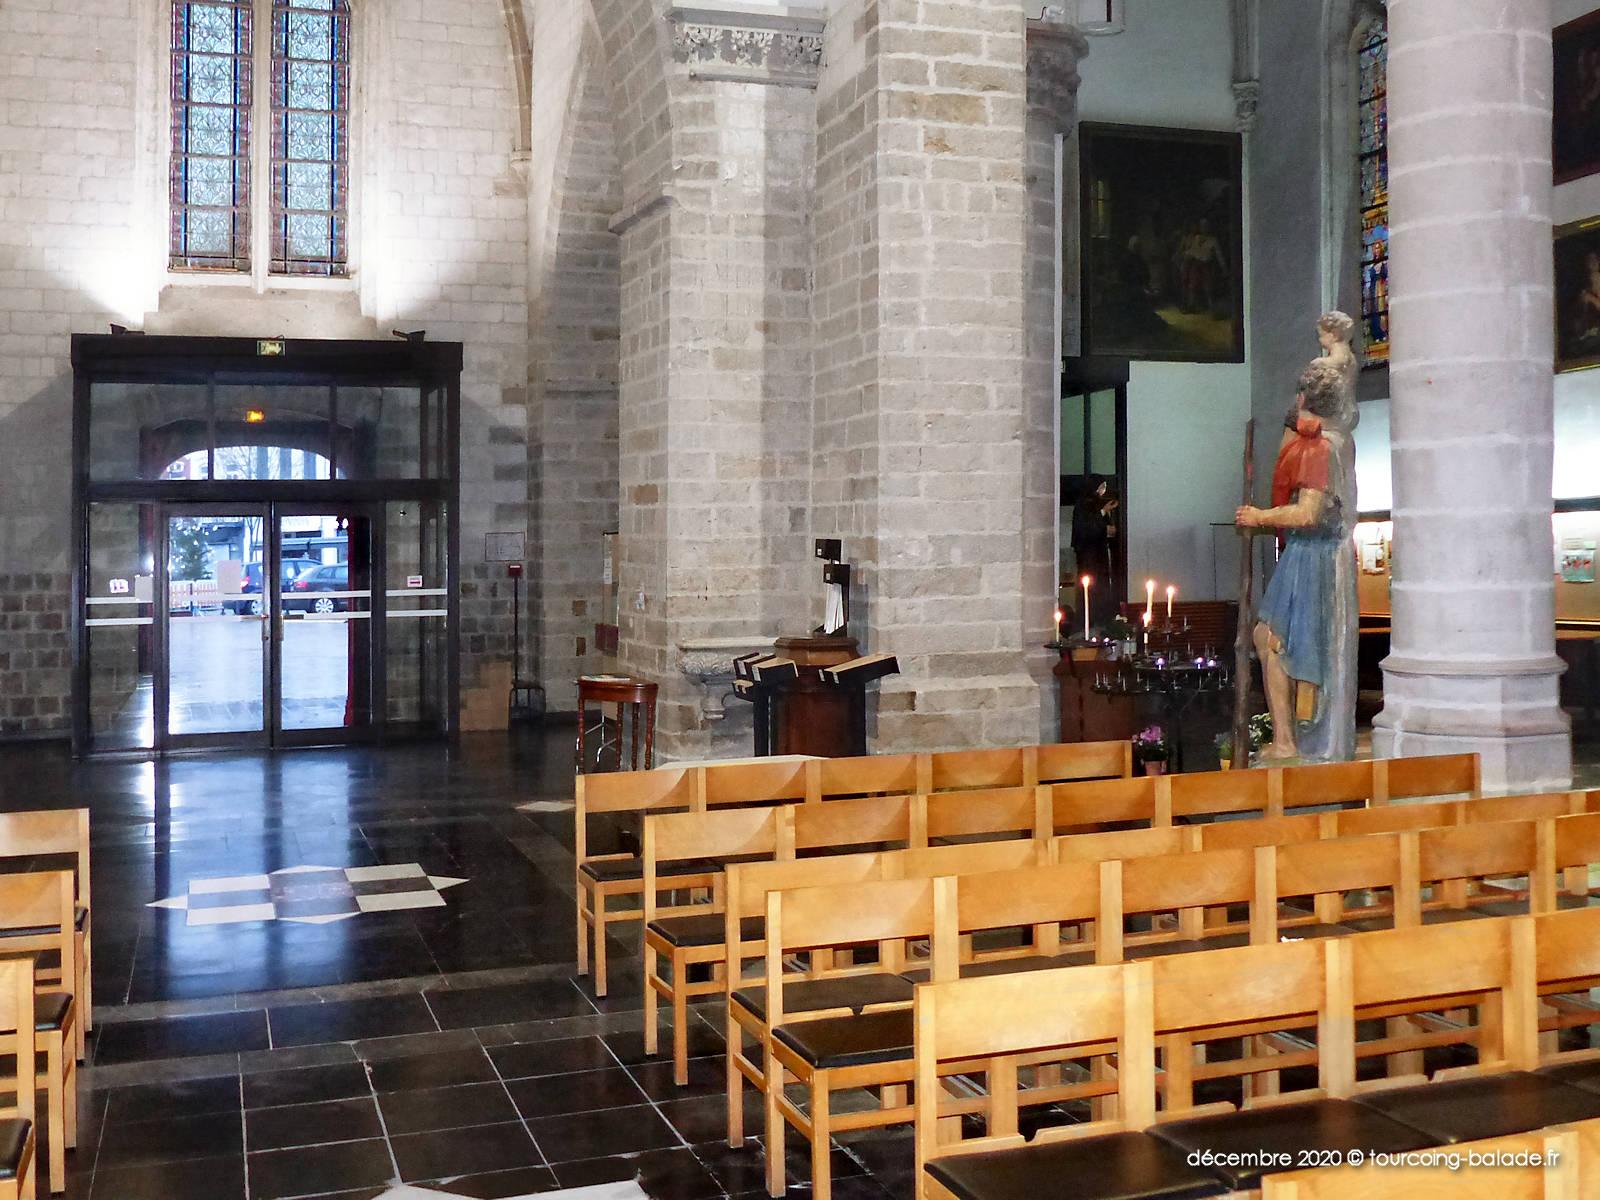 Narthex église Saint Christophe, Tourcoing 2020